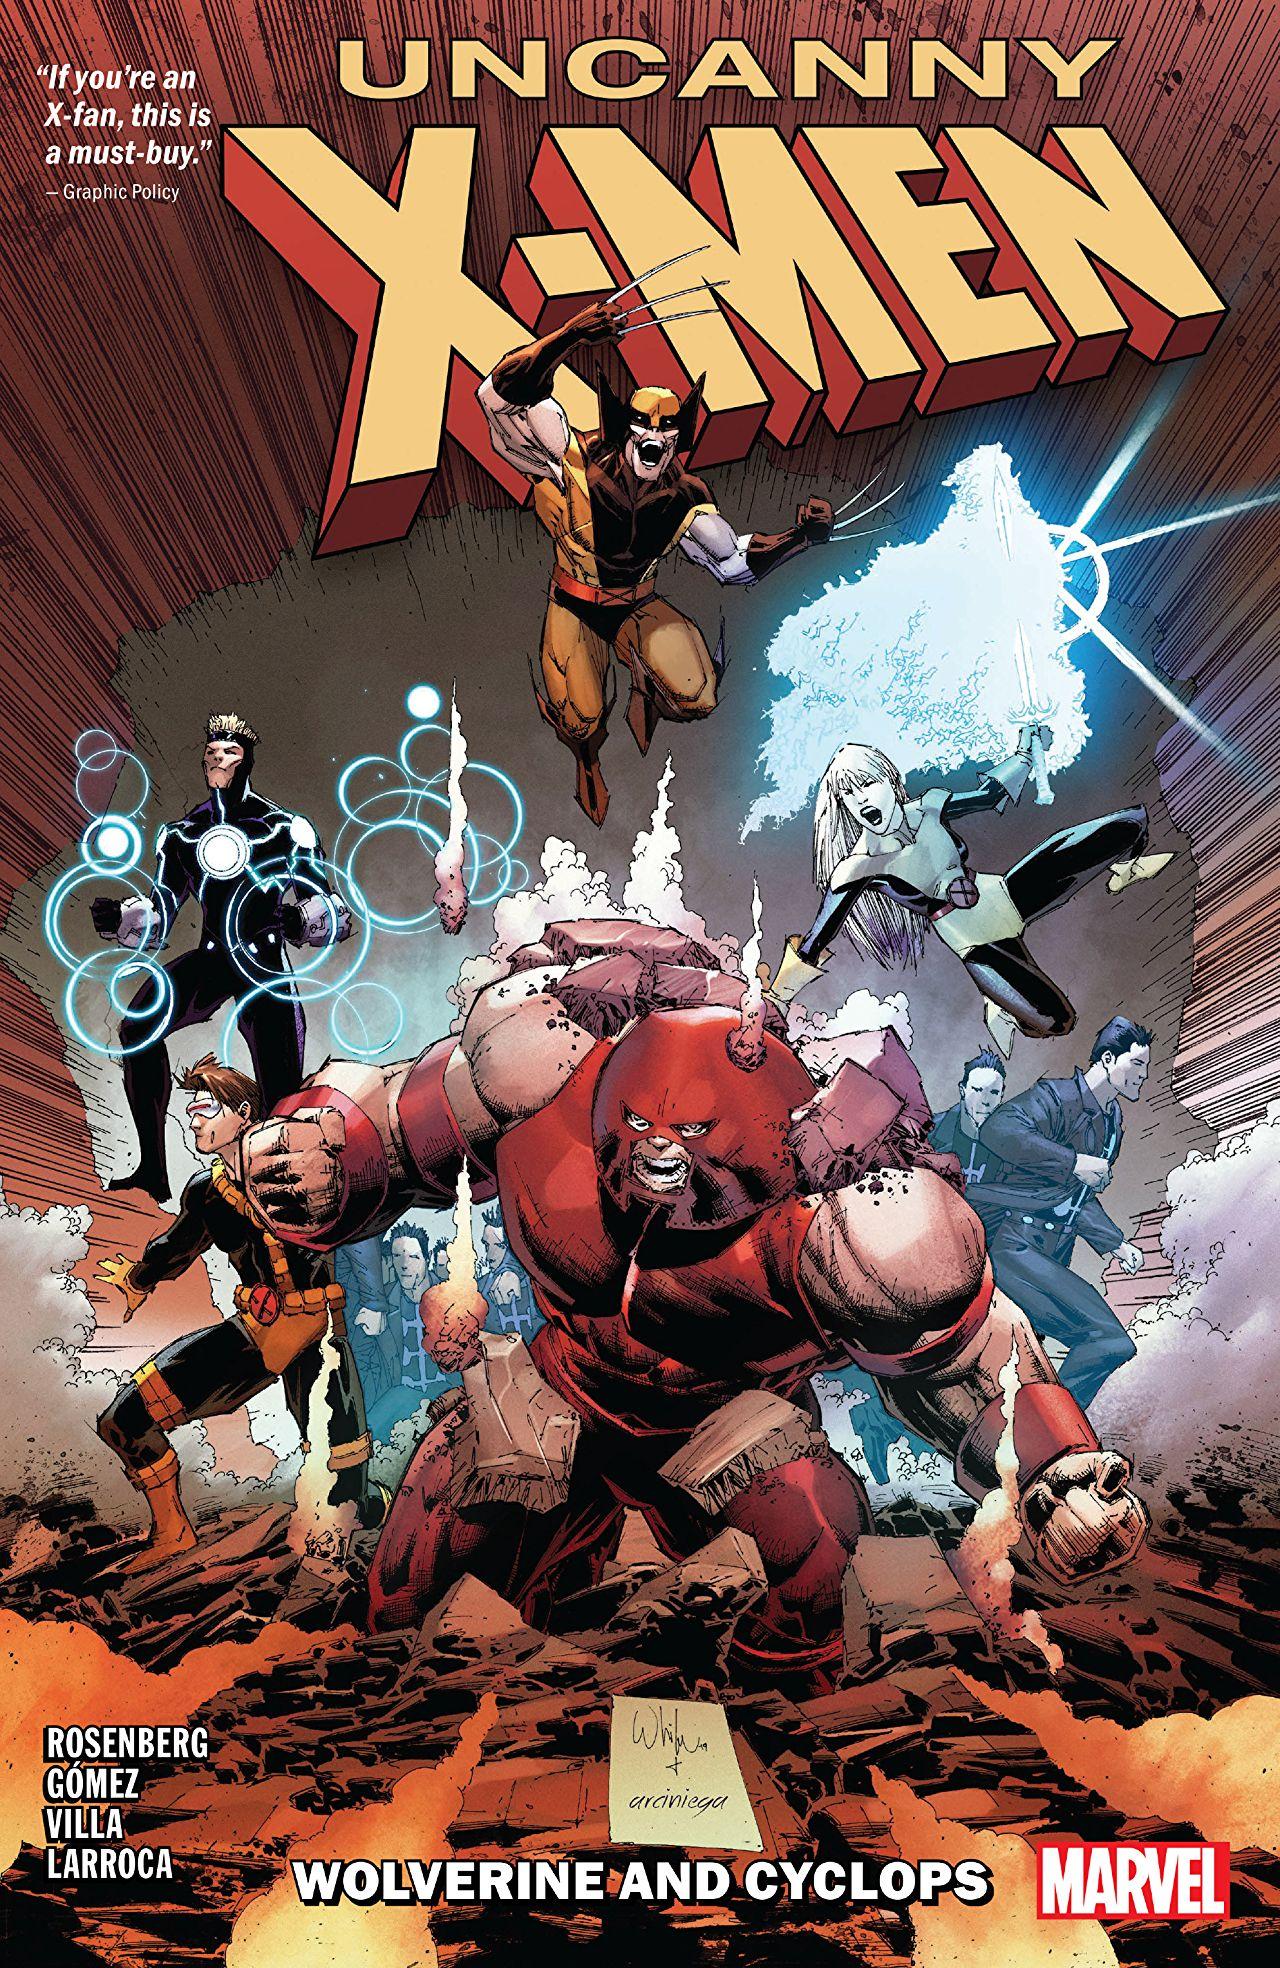 Uncanny X-Men: Wolverine and Cyclops, Vol. 2